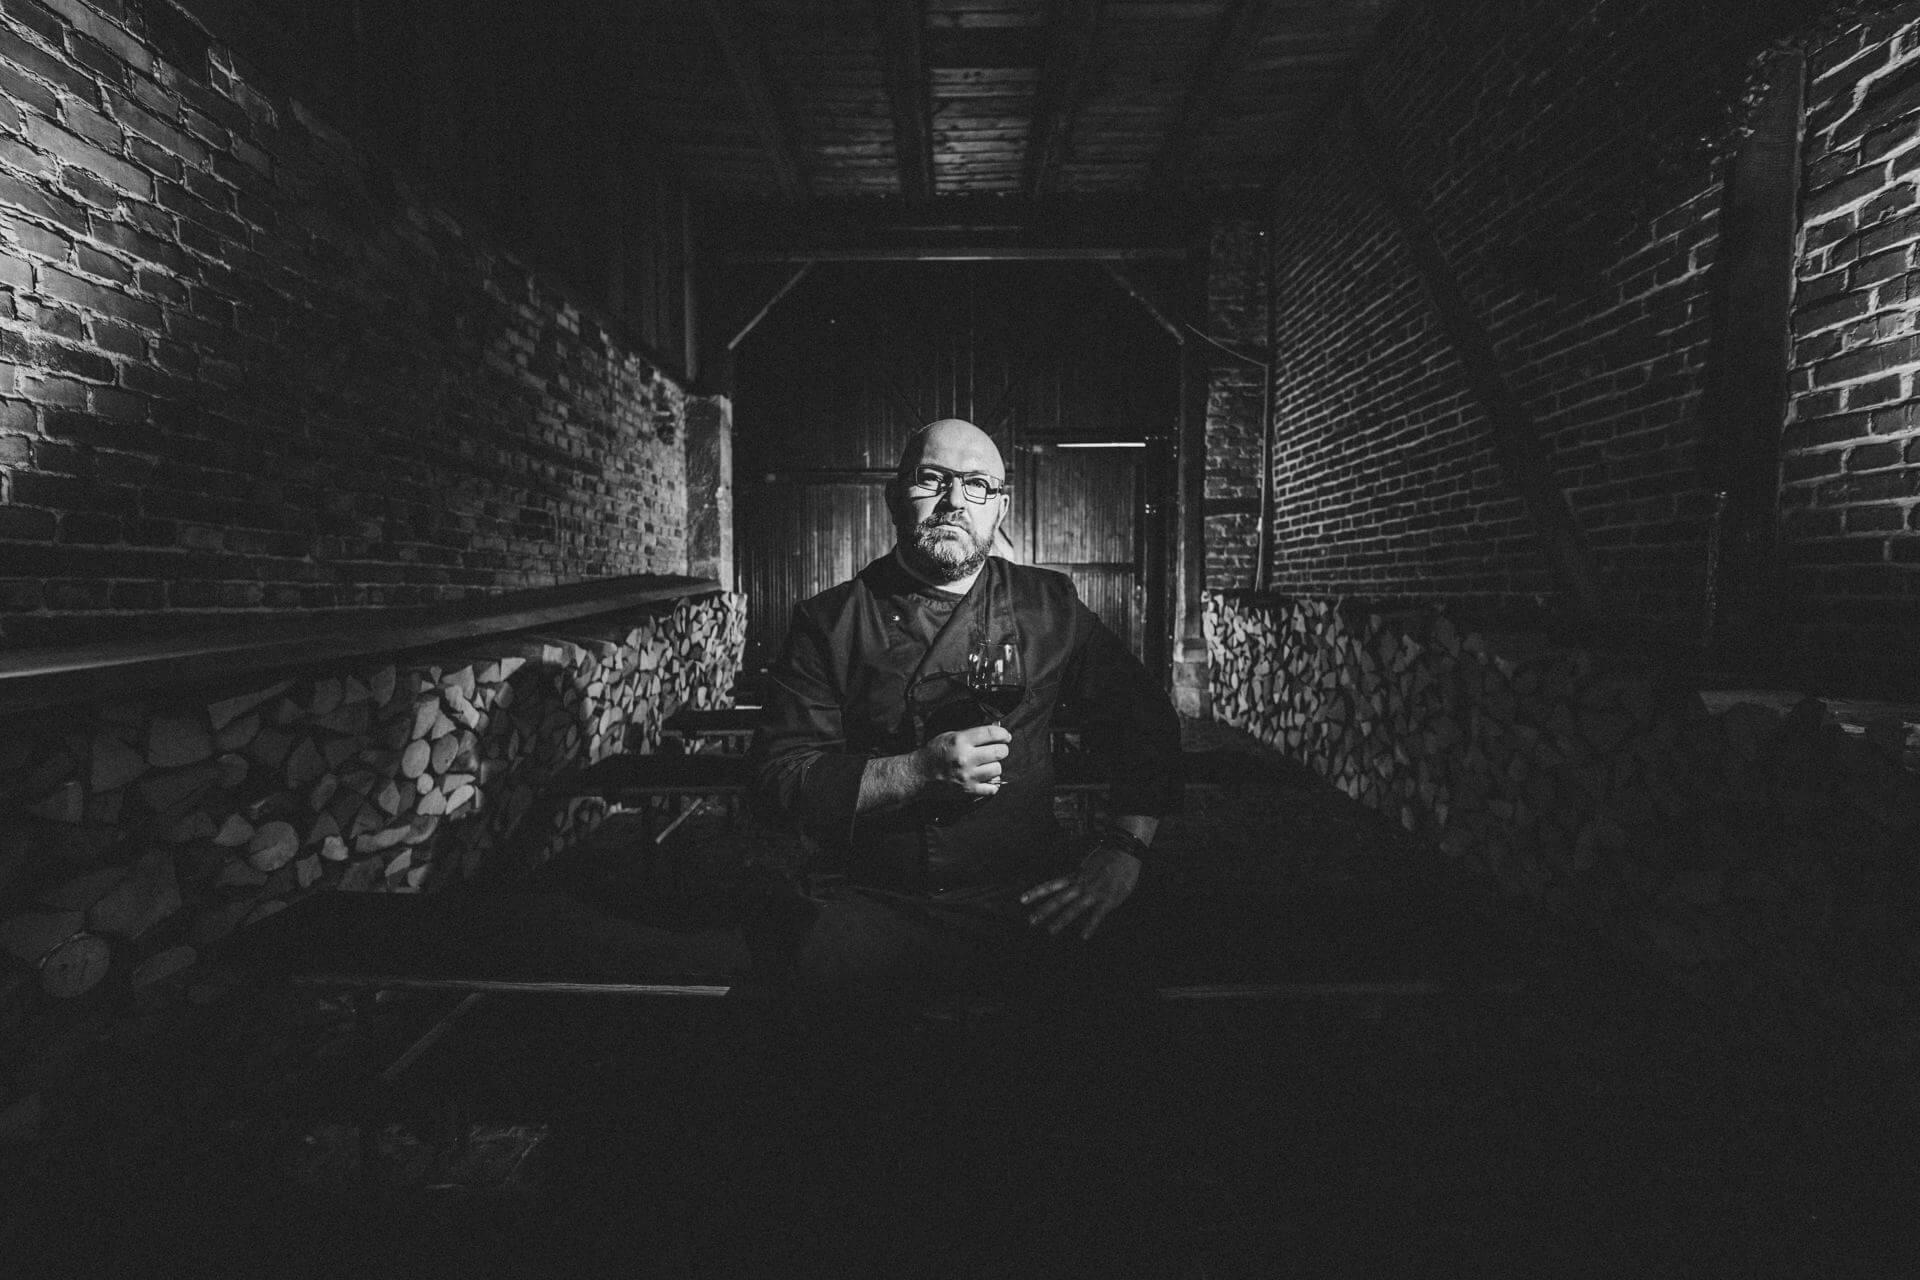 """stefan van´t hoogt im alten behring-gutshof marburg - corona-fotoprojekt """"alles auf stopp"""""""